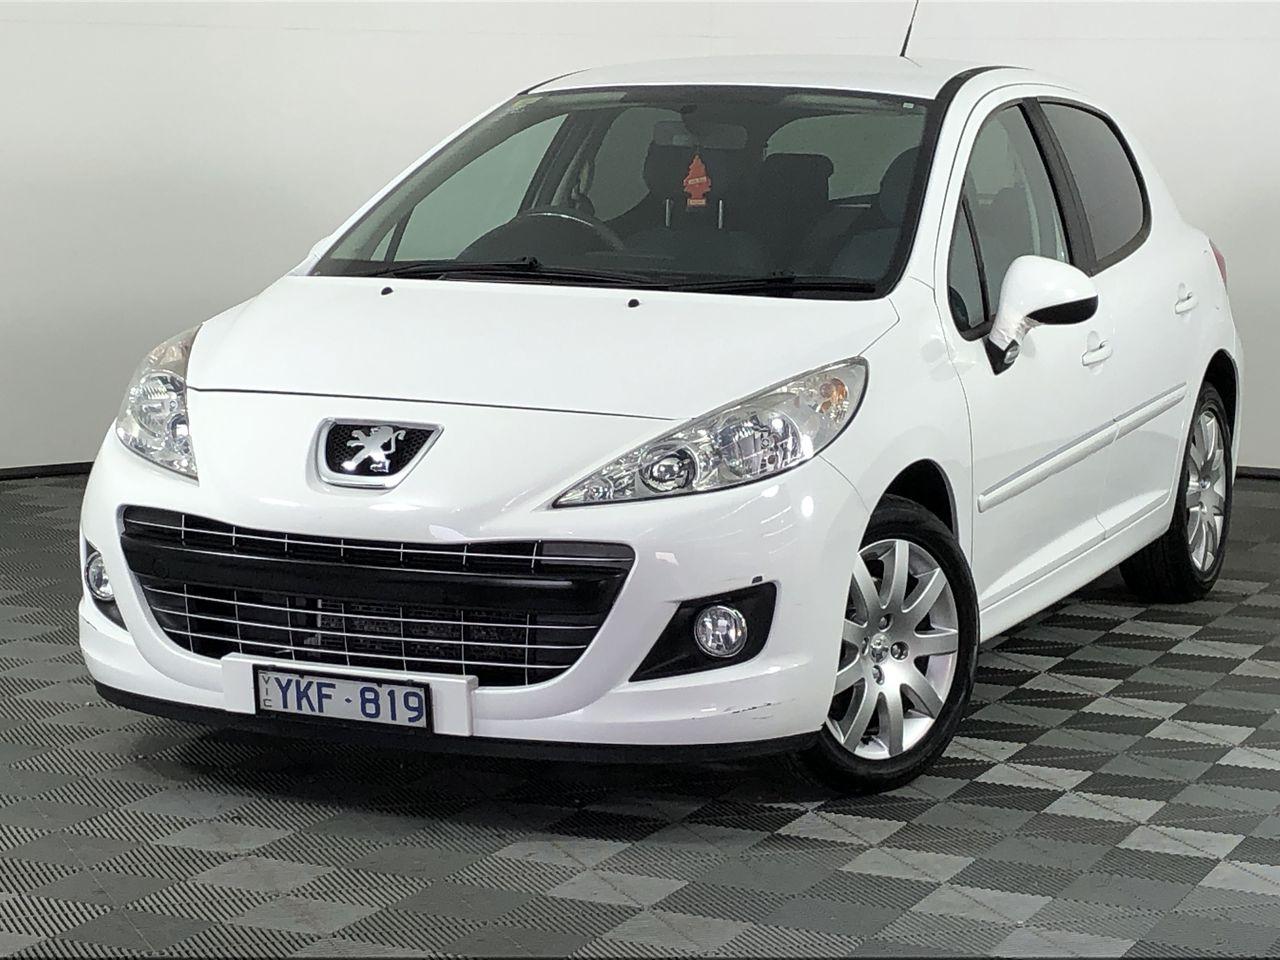 2011 Peugeot 207 Sportium Automatic Hatchback